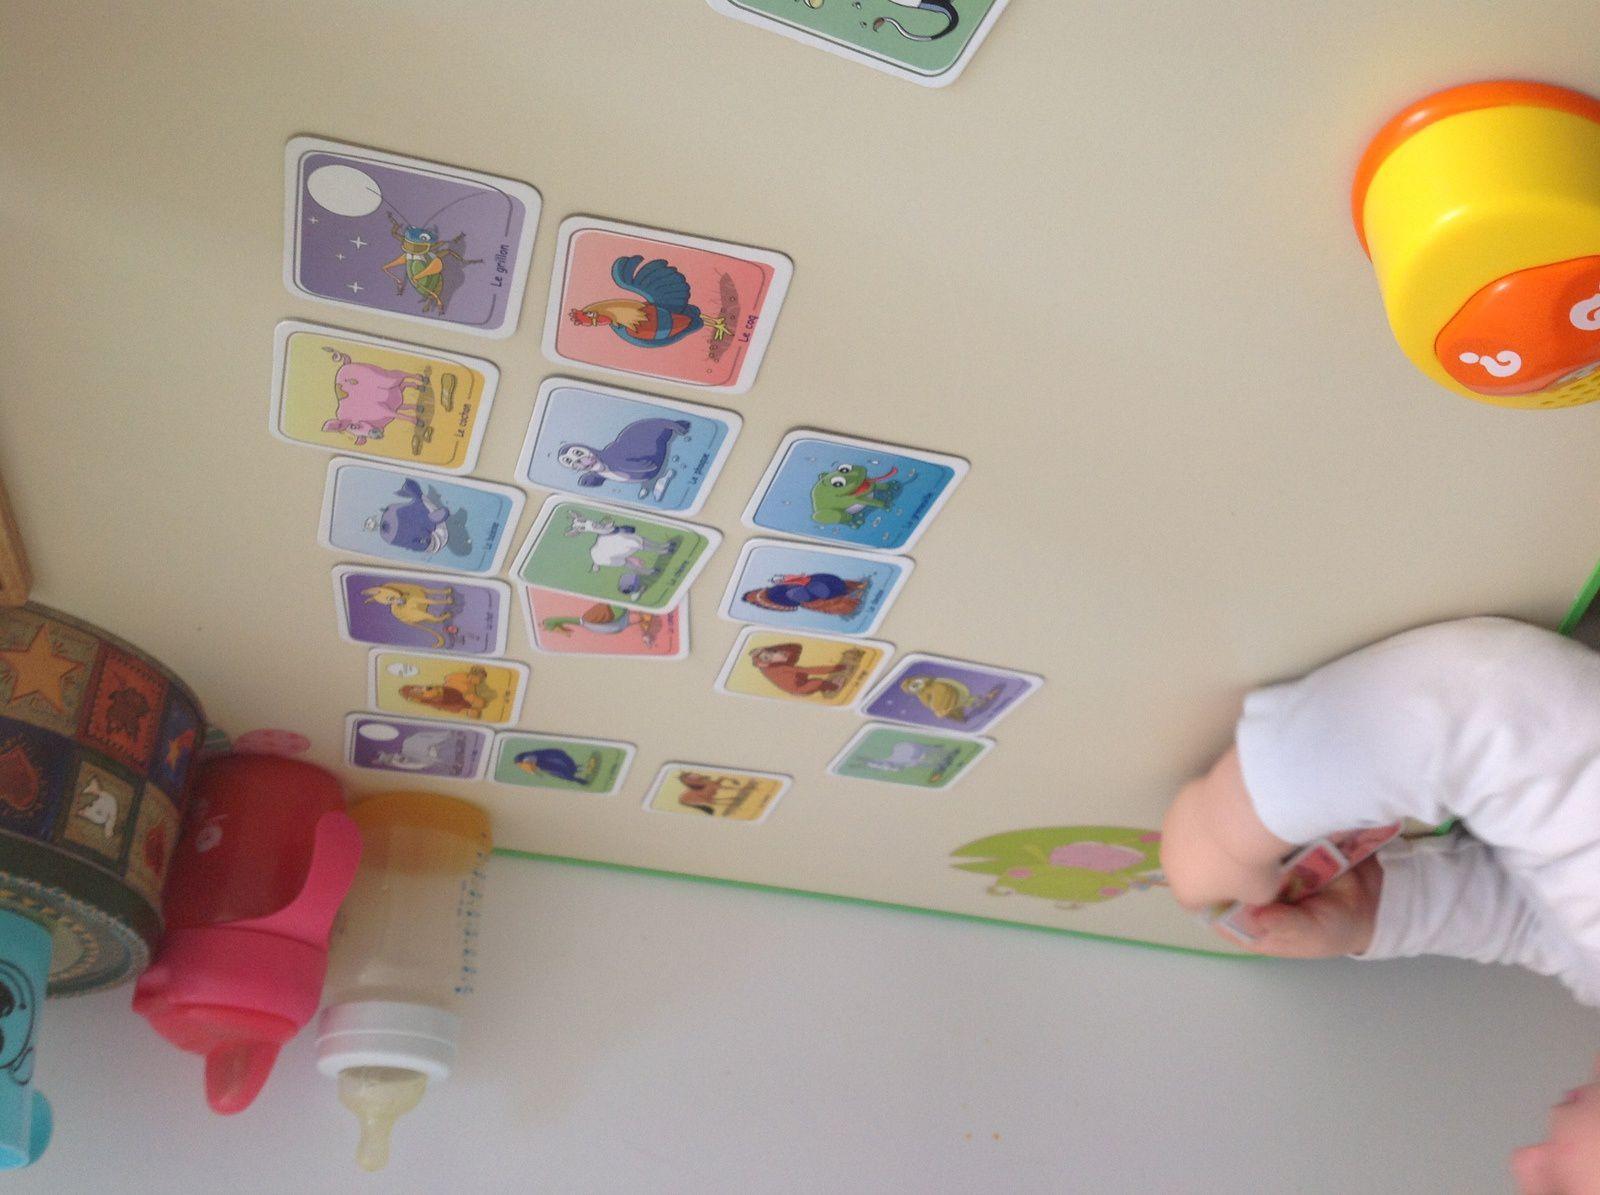 Grâce à une super collègue qui m'a trouvé ce jeu que je cherchais depuis un moment nous avons pu jouer avec M 2 ans, elle aime beaucoup , en appuyant sur le dessus du jeu le crois d'un animal jaillit et nous devons le retrouver dans les cartes étalées devant nous, il y a bien sûr d'autre façon de jouer que nous étudierons plus tard